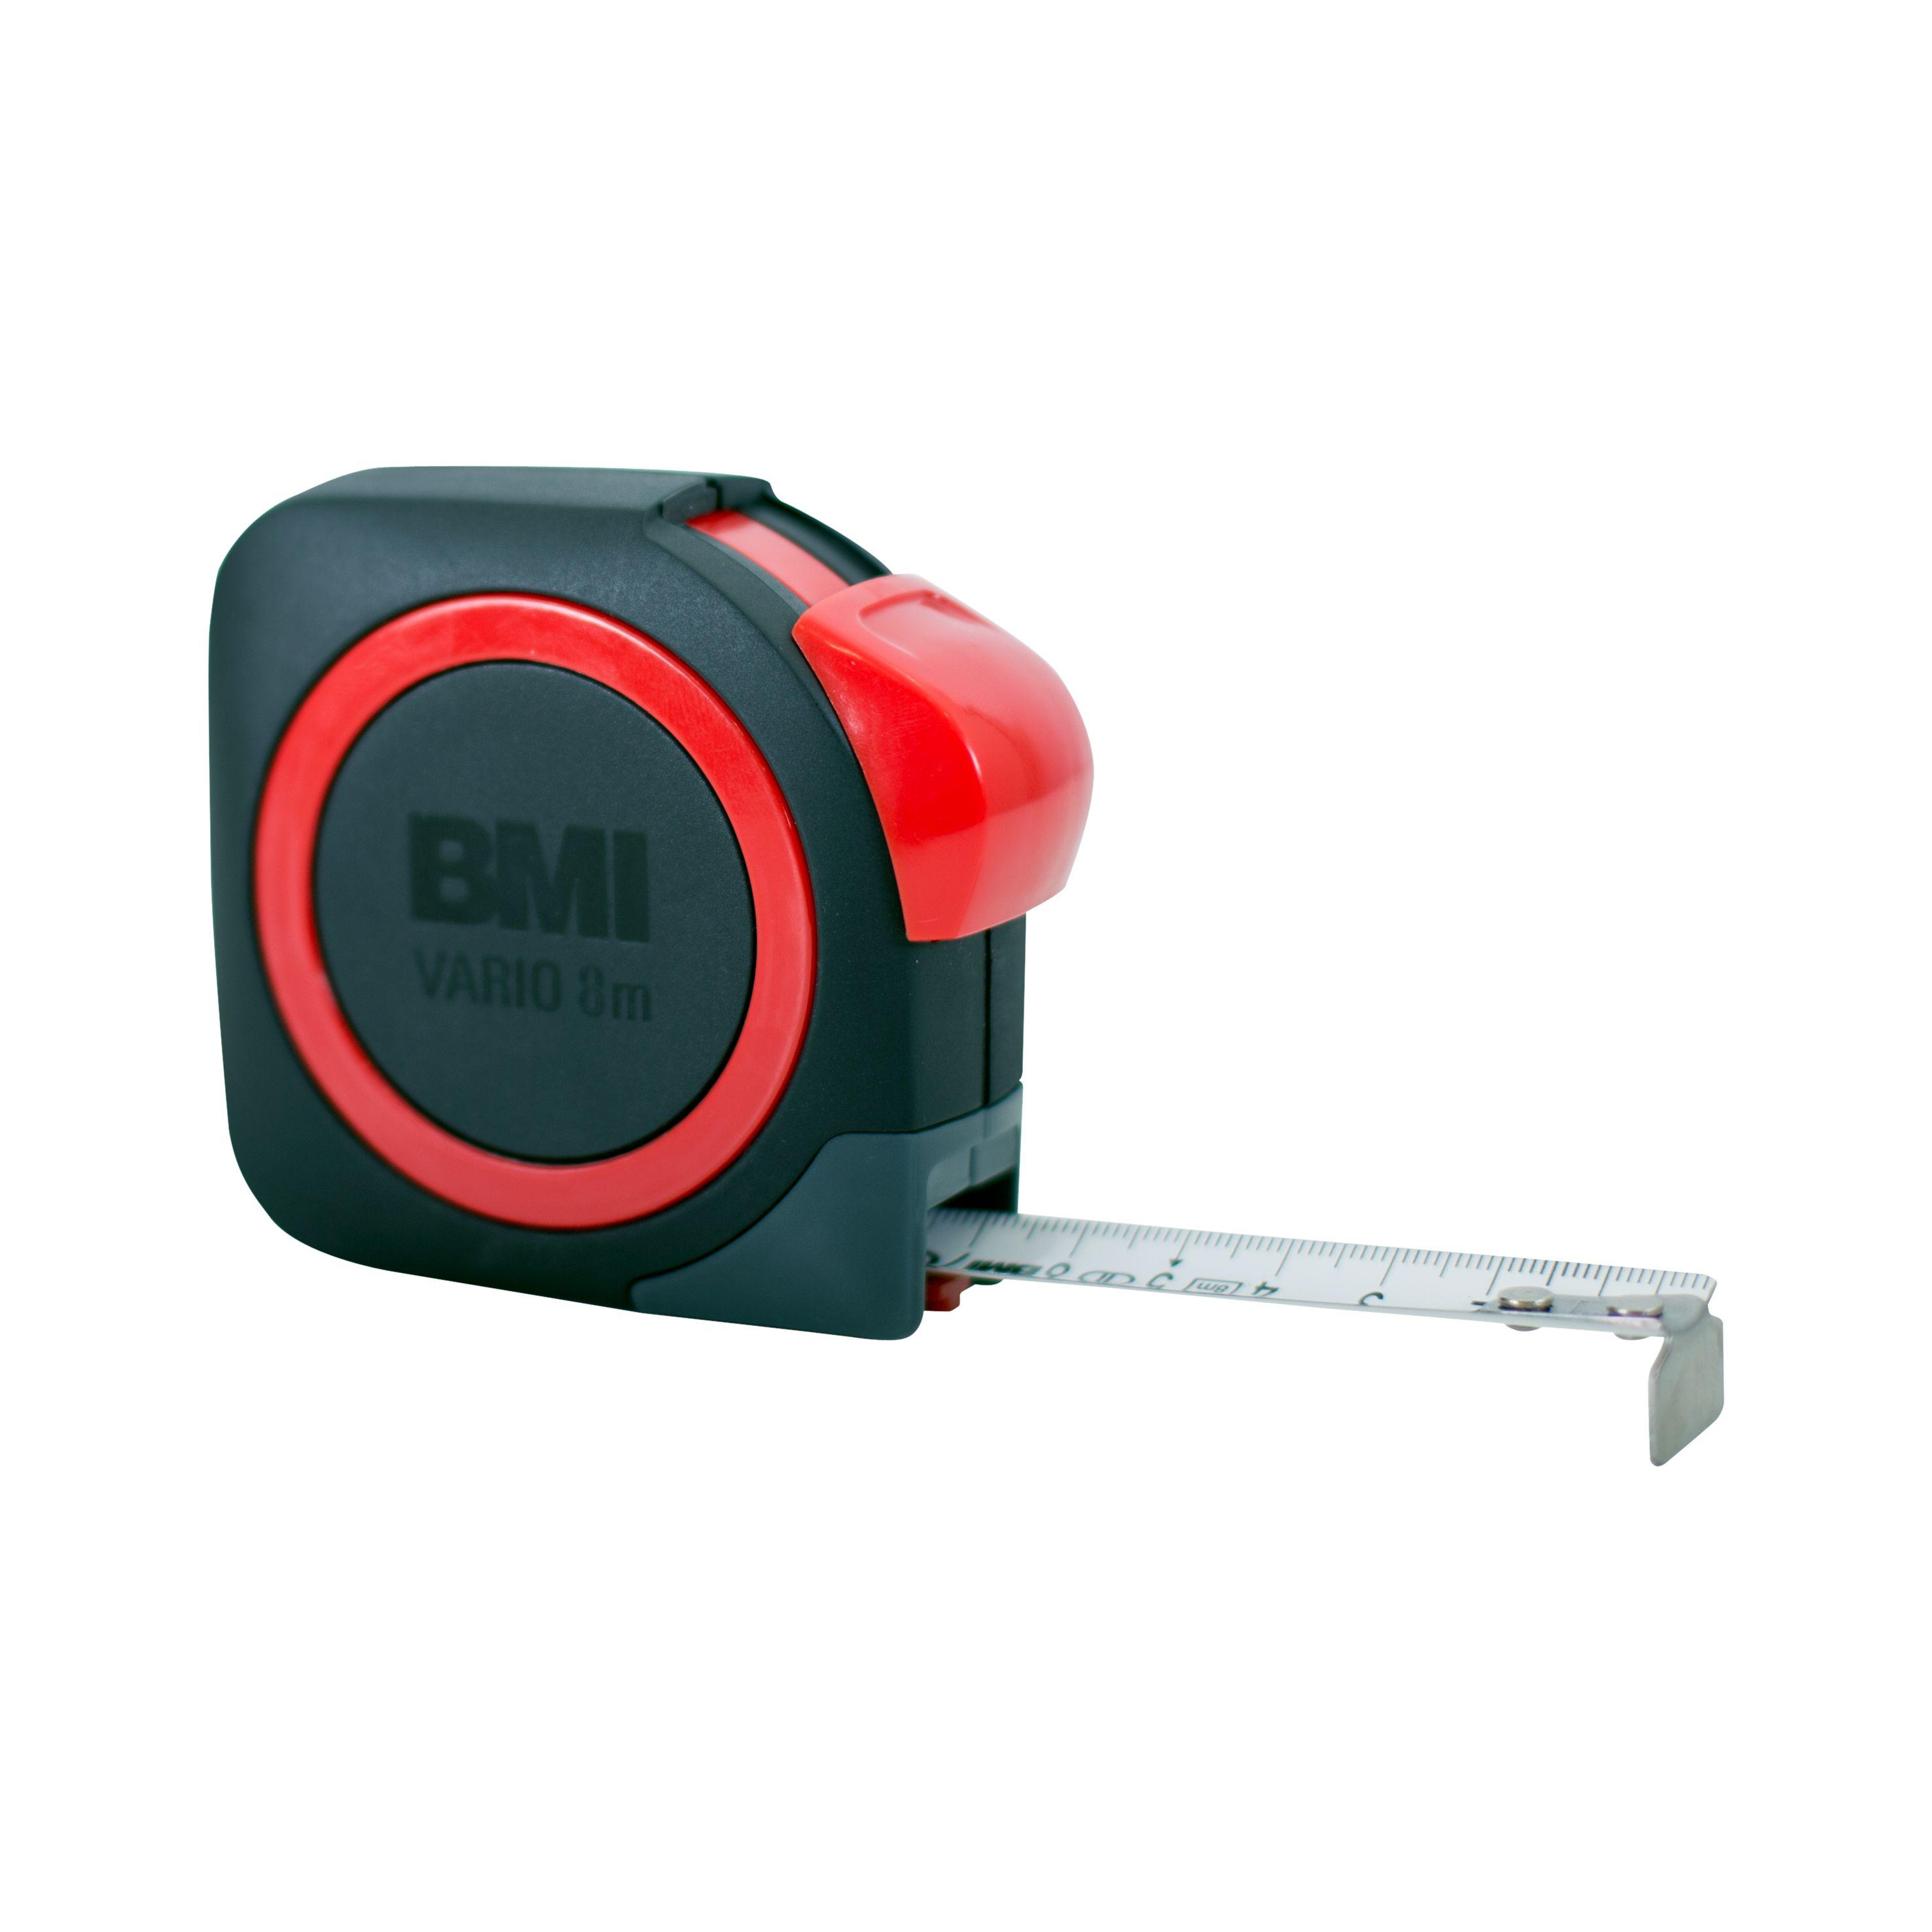 Измерительная рулетка BMI VARIO 8m